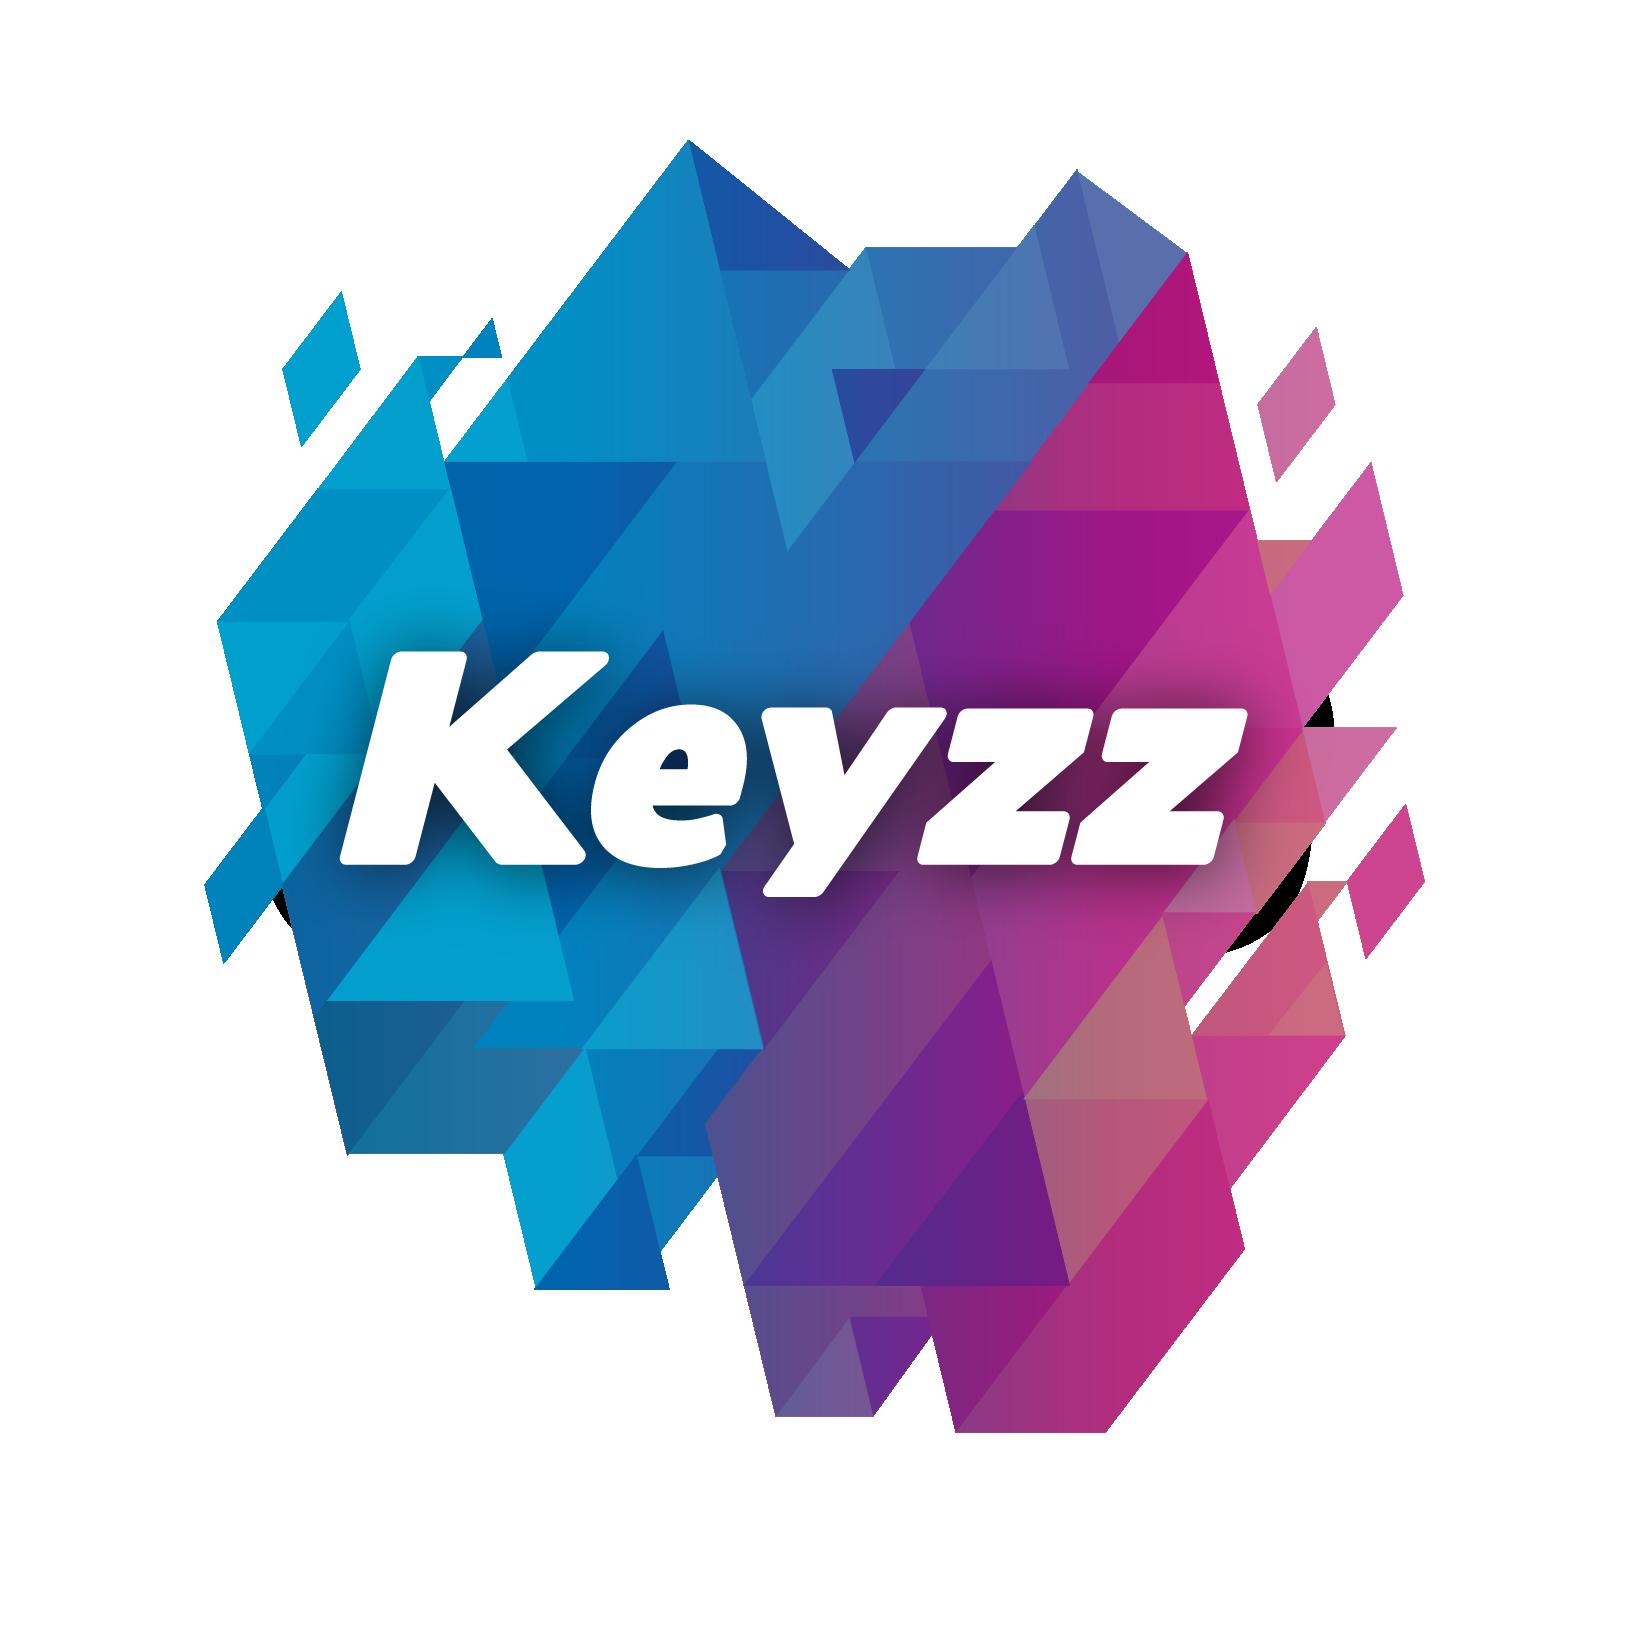 logo-Keyzzlenotre